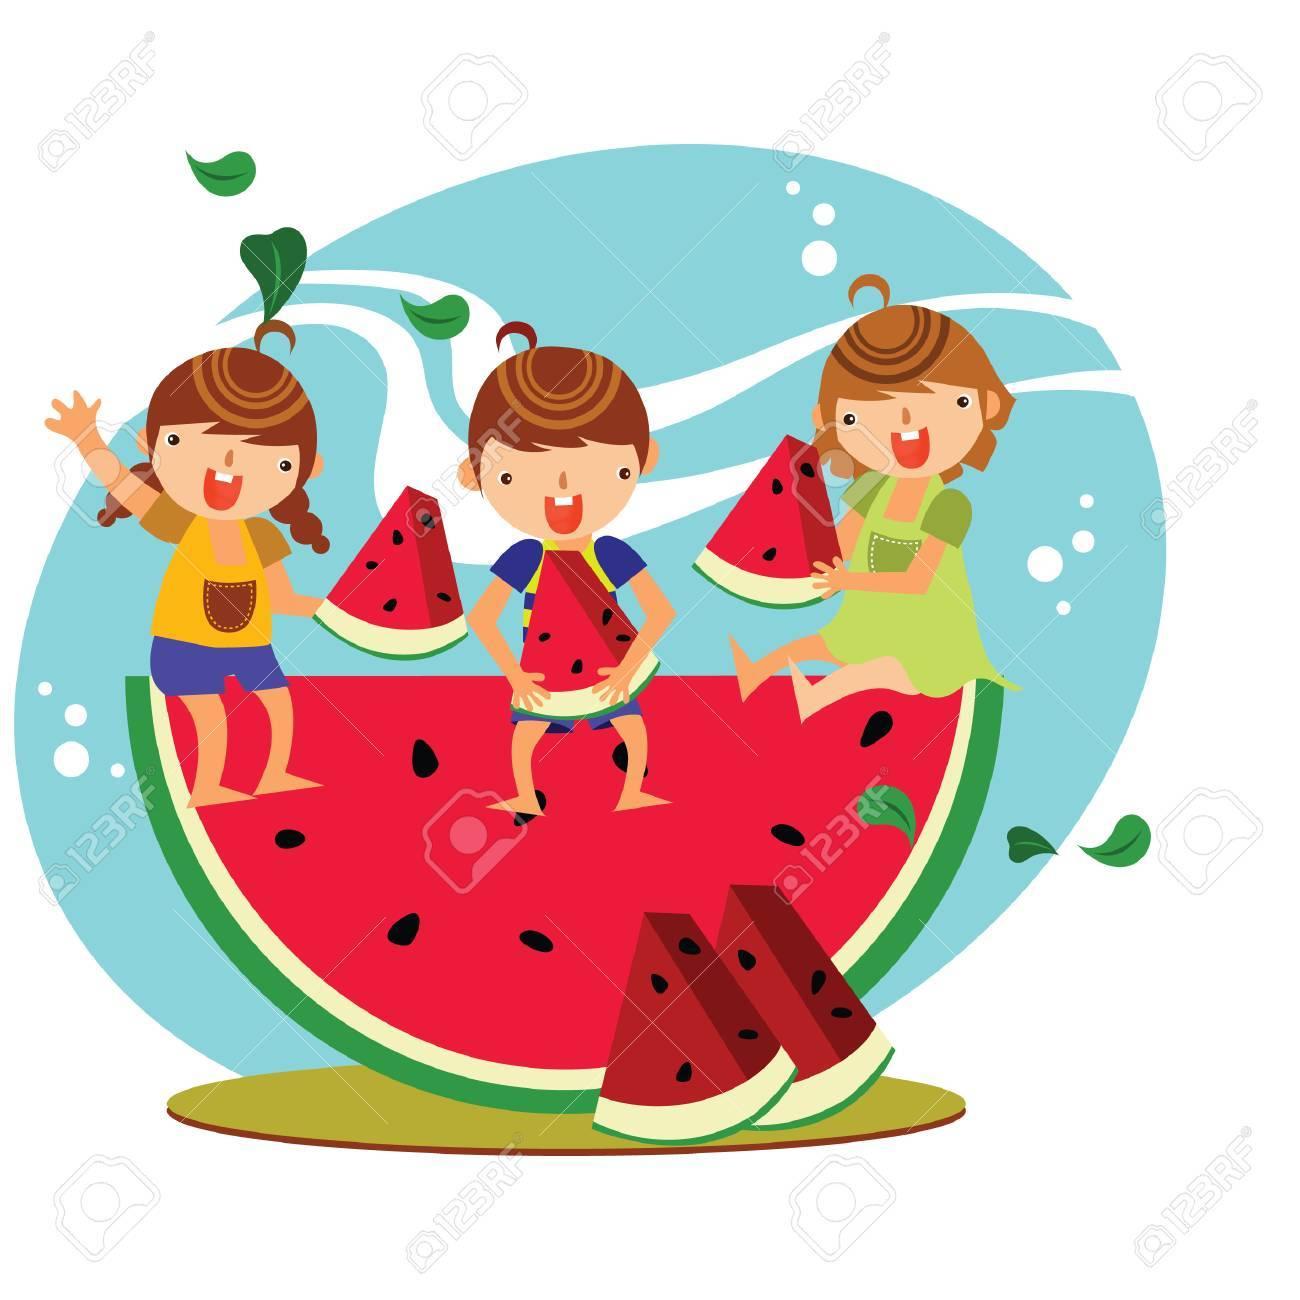 children eating watermelon.